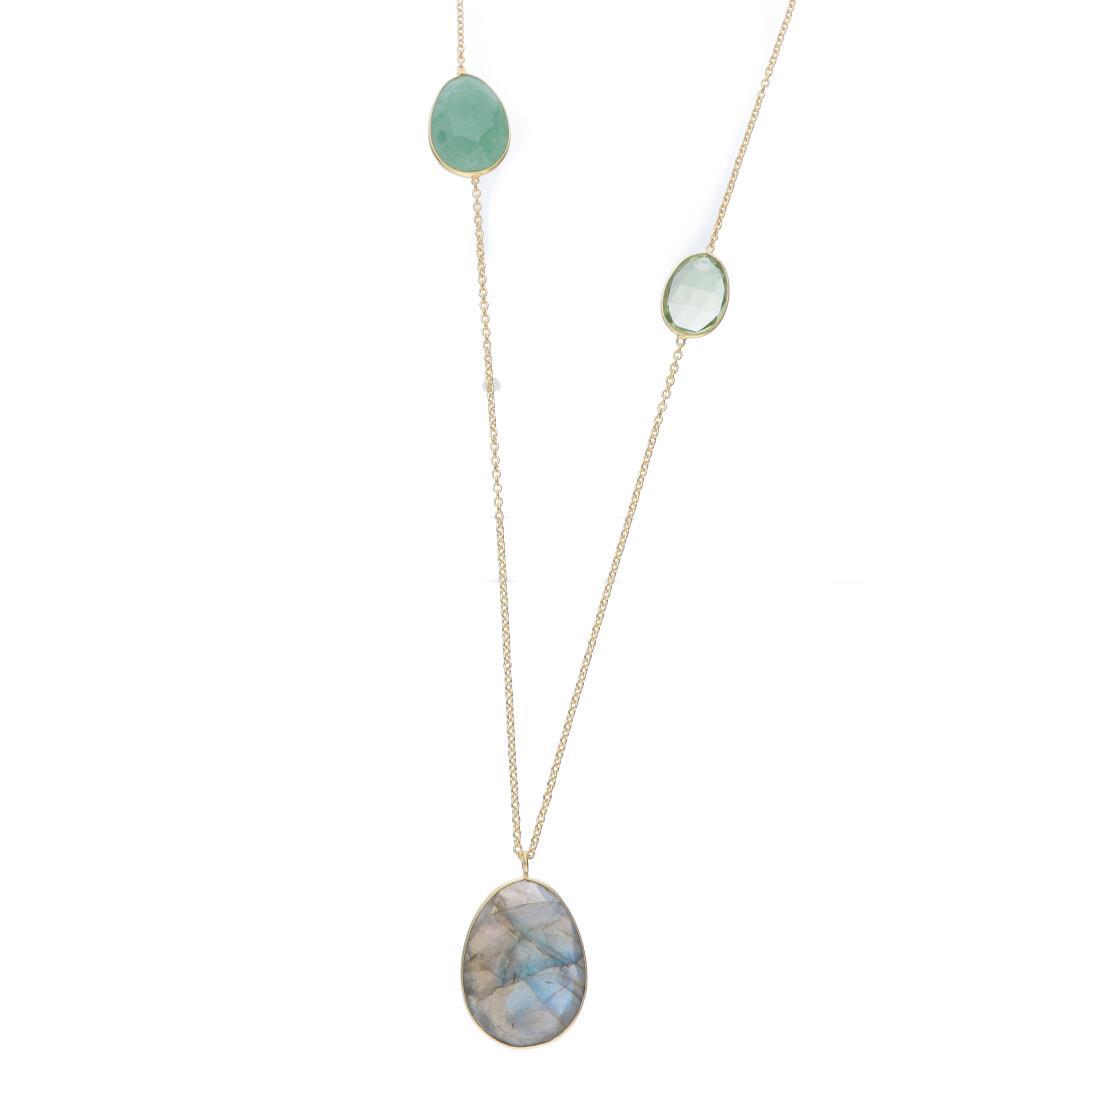 Collana lunga in argento con pietre naturali colorate - ALFIERI & ST.JOHN